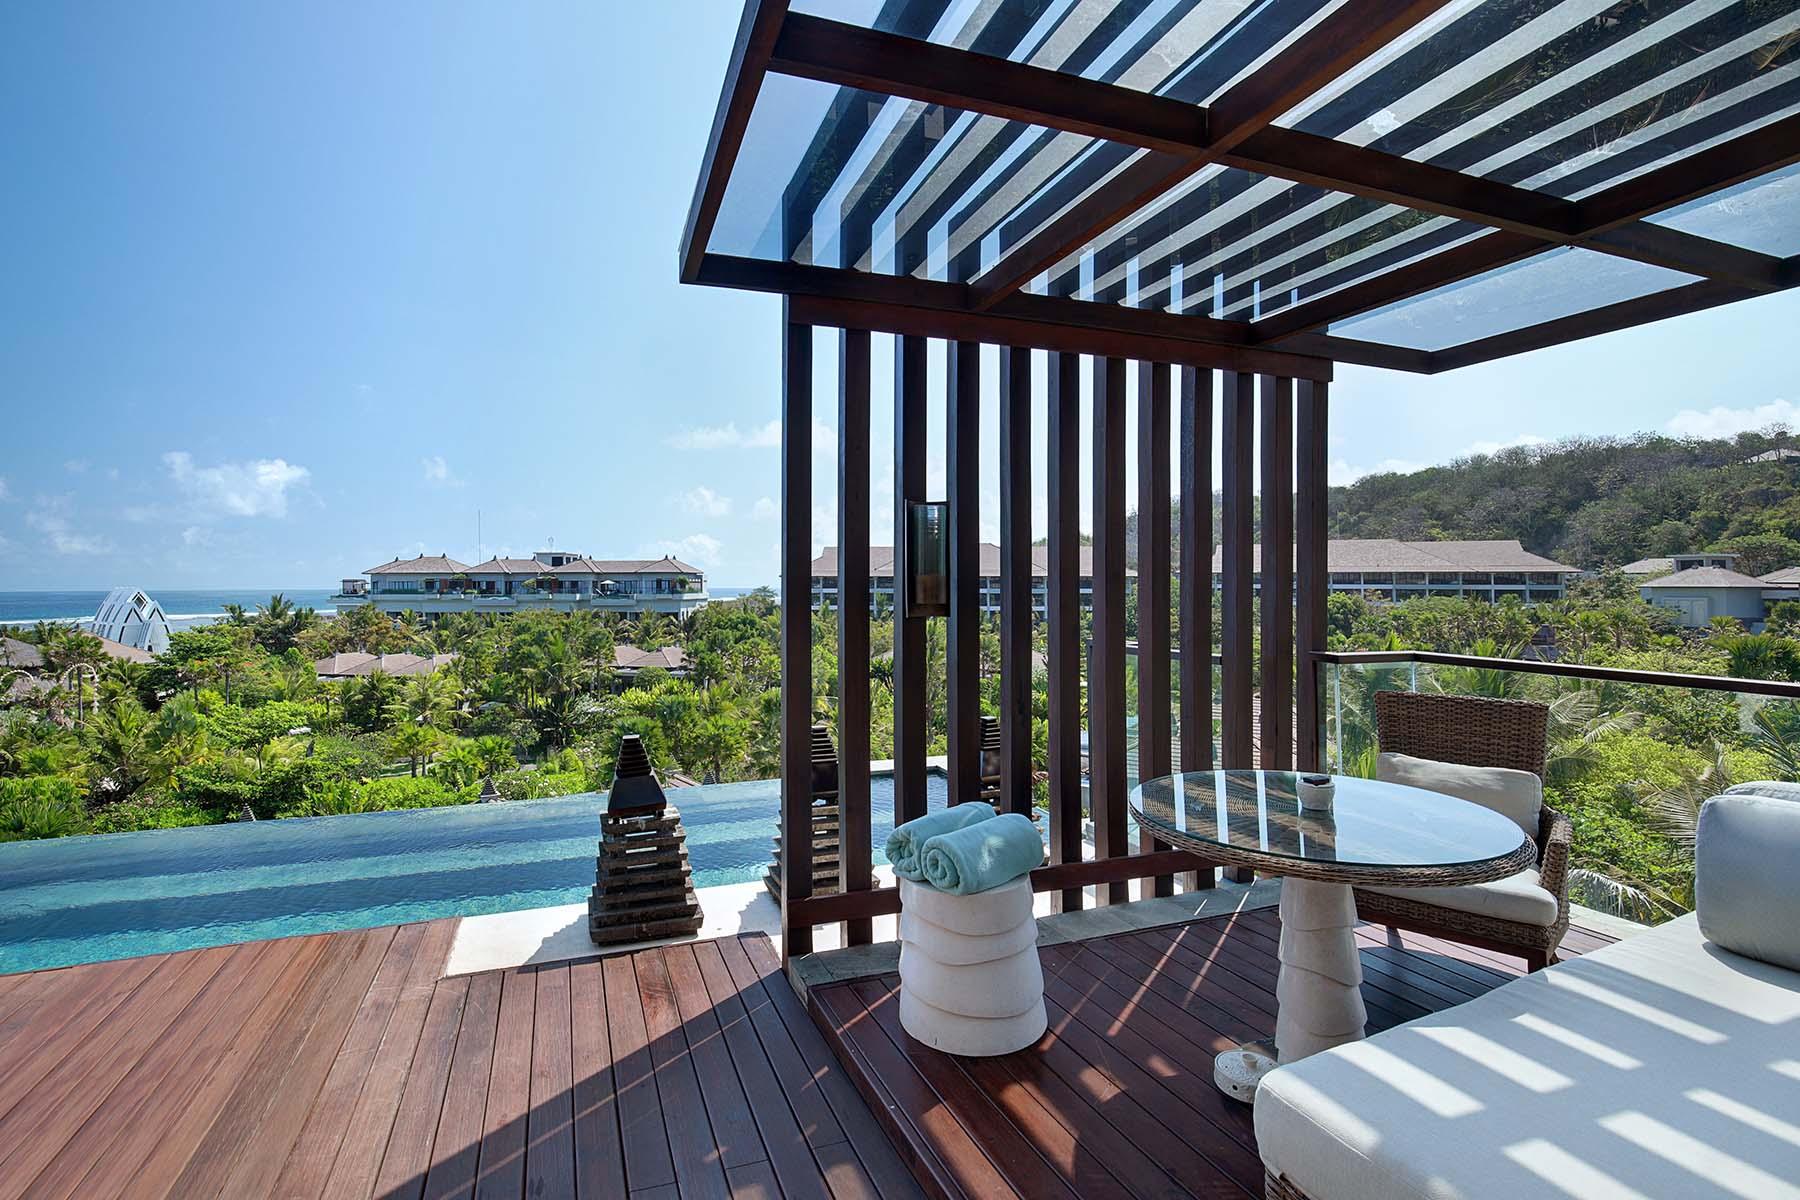 09Ritz Carlton Bali6